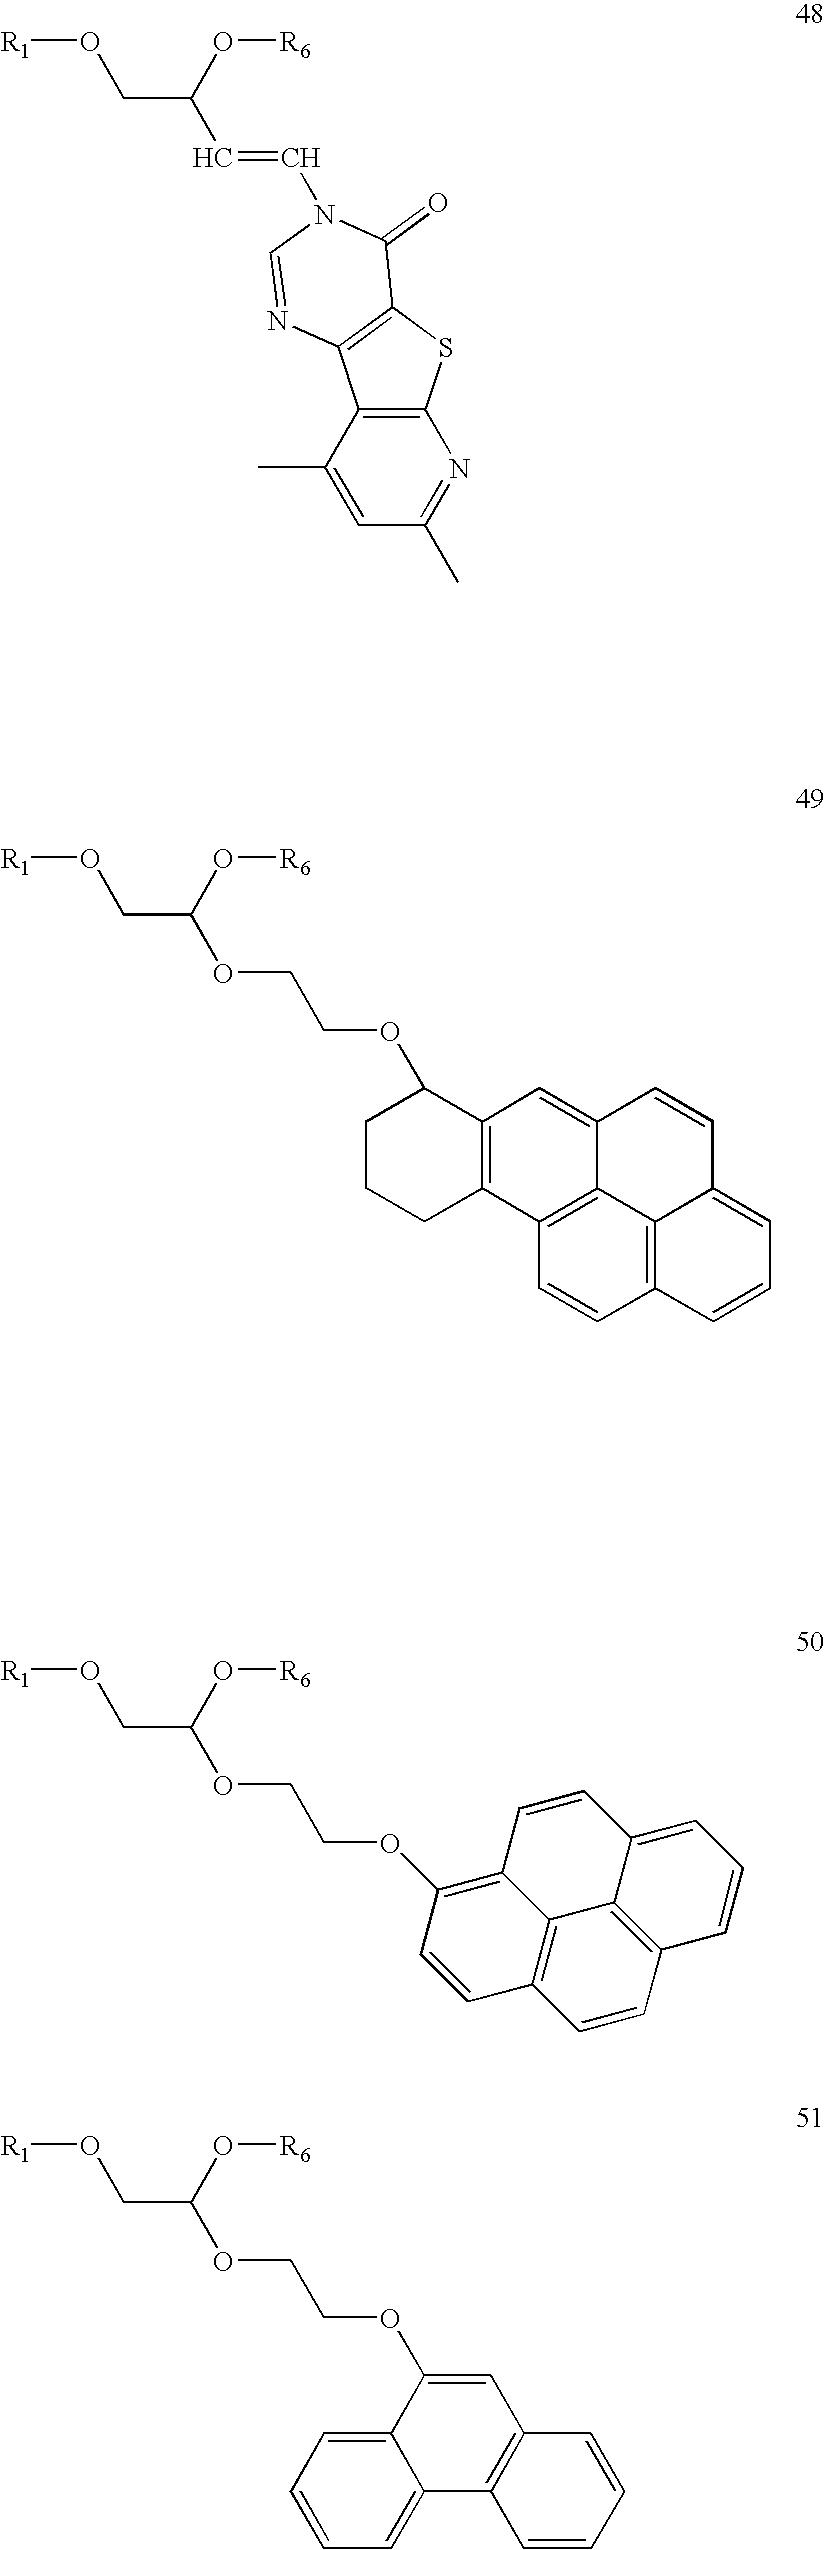 Figure US20060014144A1-20060119-C00097